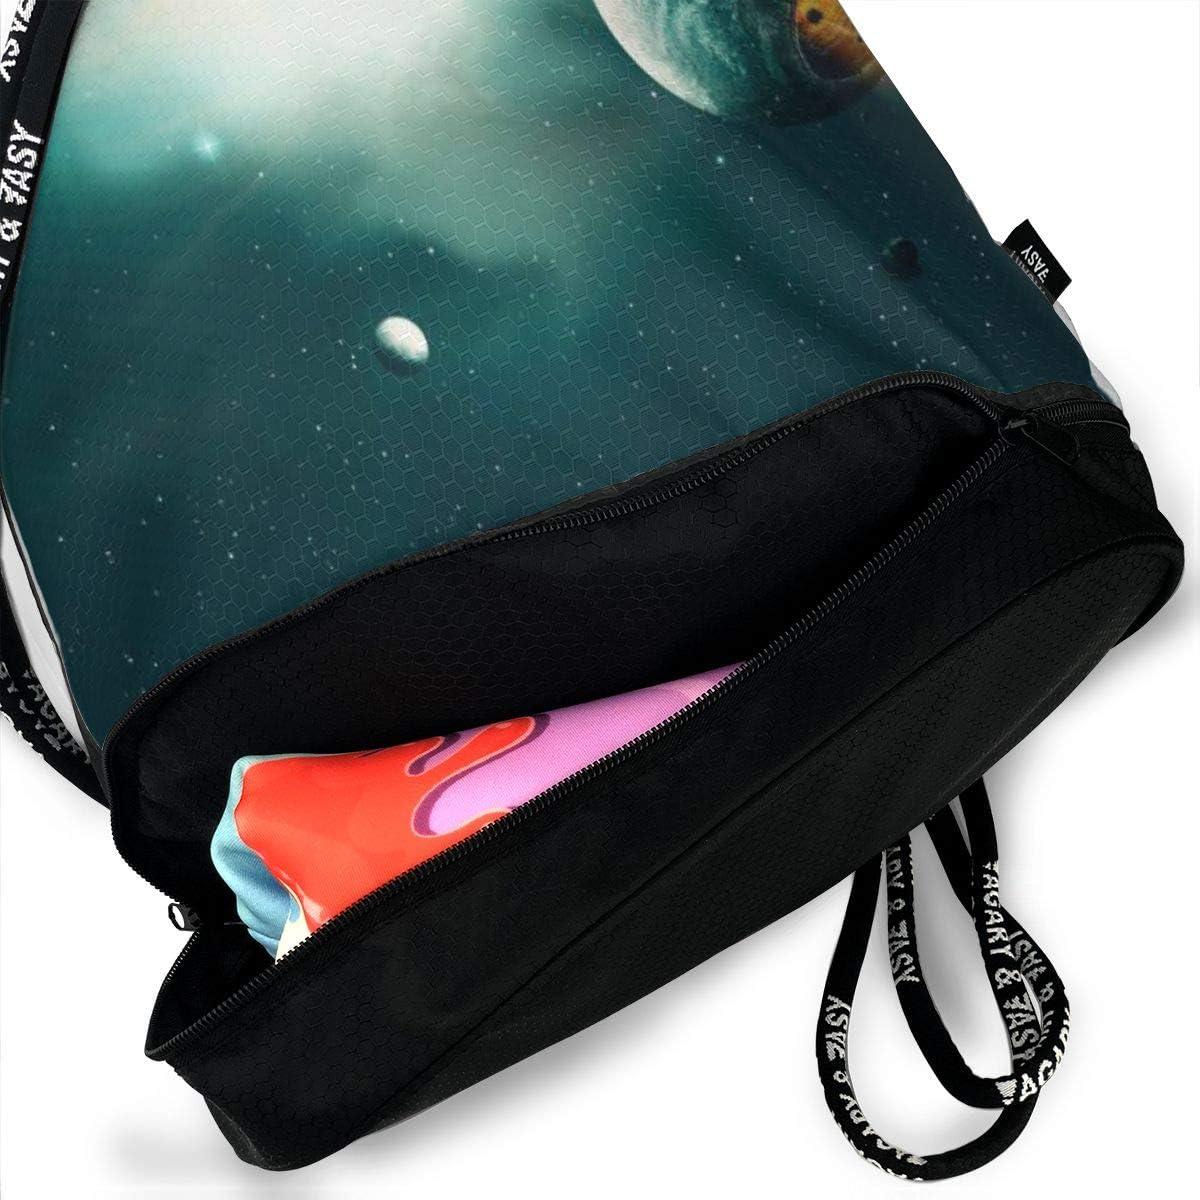 GymSack Drawstring Bag Sackpack The Big Bang Sport Cinch Pack Simple Bundle Pocke Backpack For Men Women